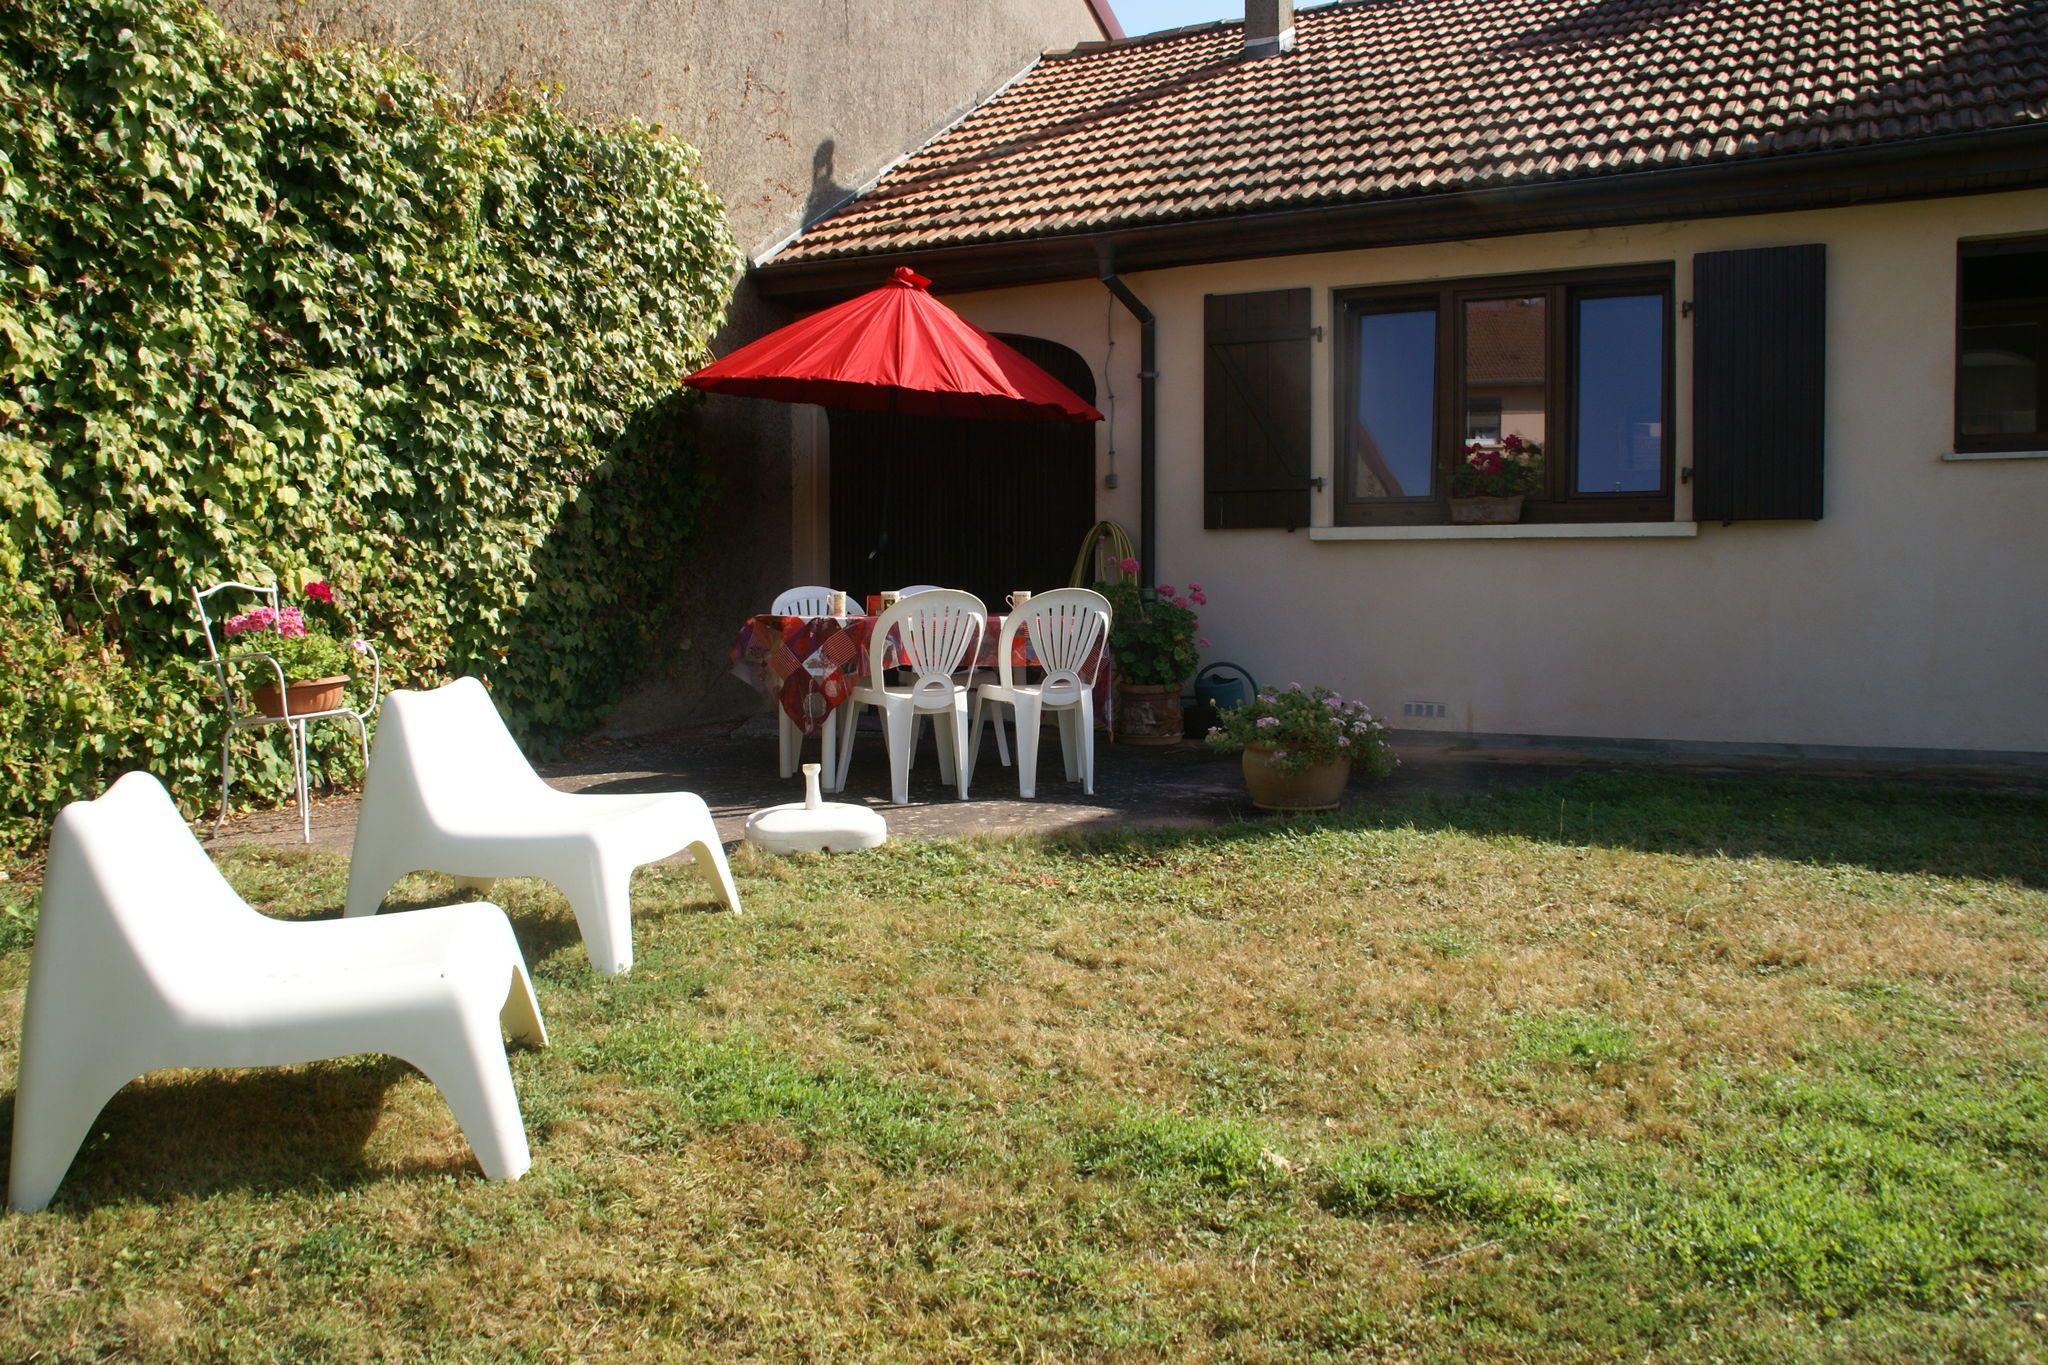 Residencia en Vic-sur-seille de 2 habitaciones